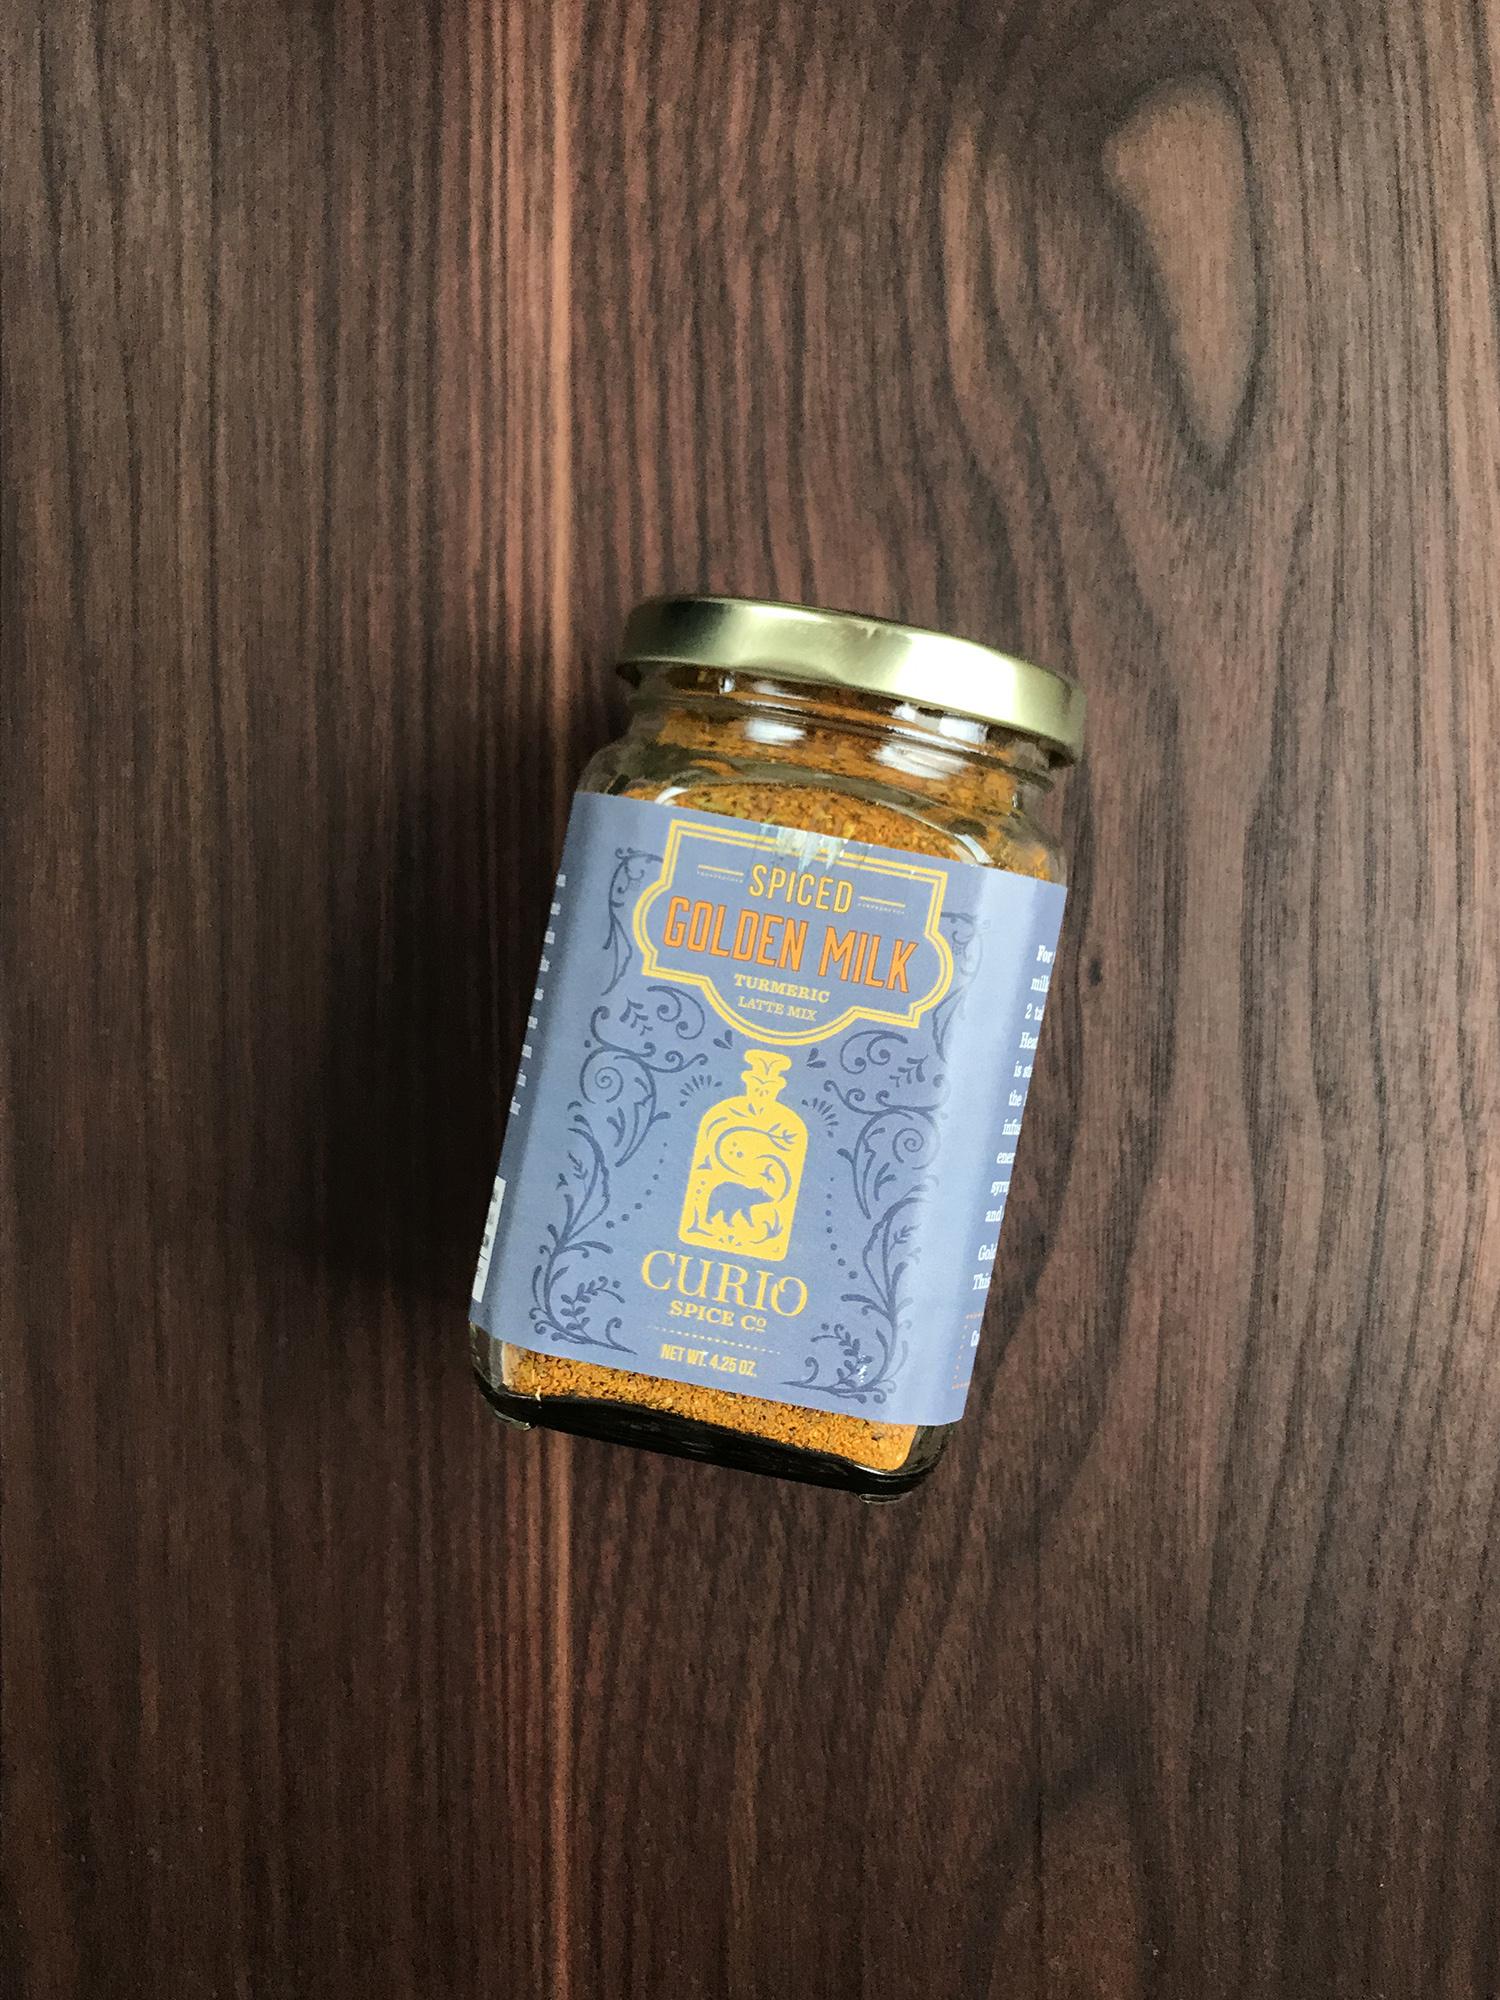 Curio Spice Co. Golden Milk, 4.5 oz. Jar-1